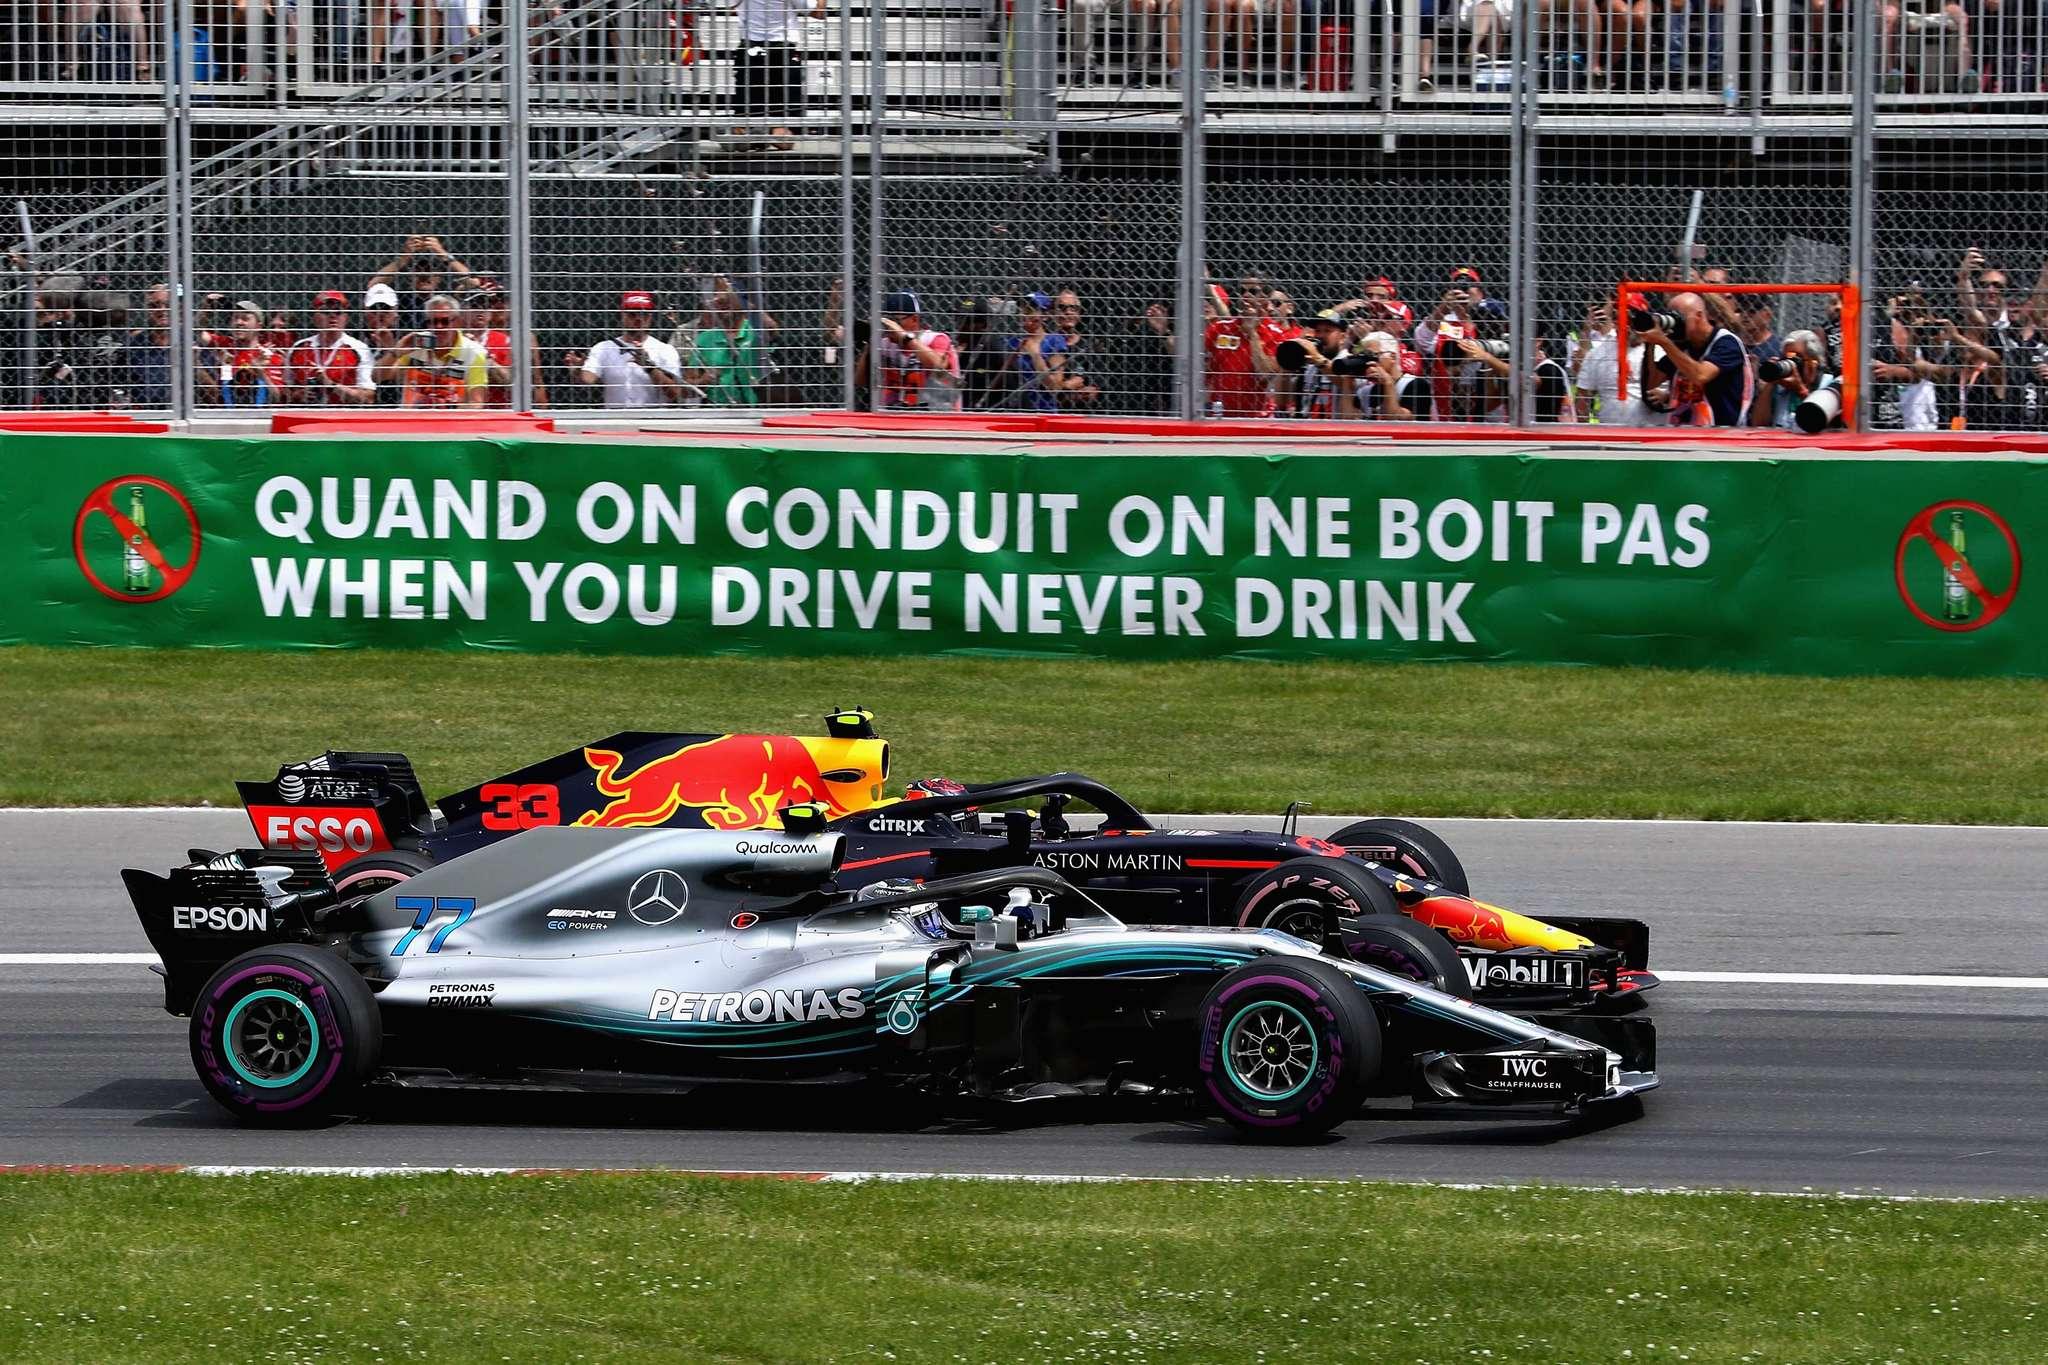 Bottas, en paralelo con Verstappen al inicio de la carrera en Montreal